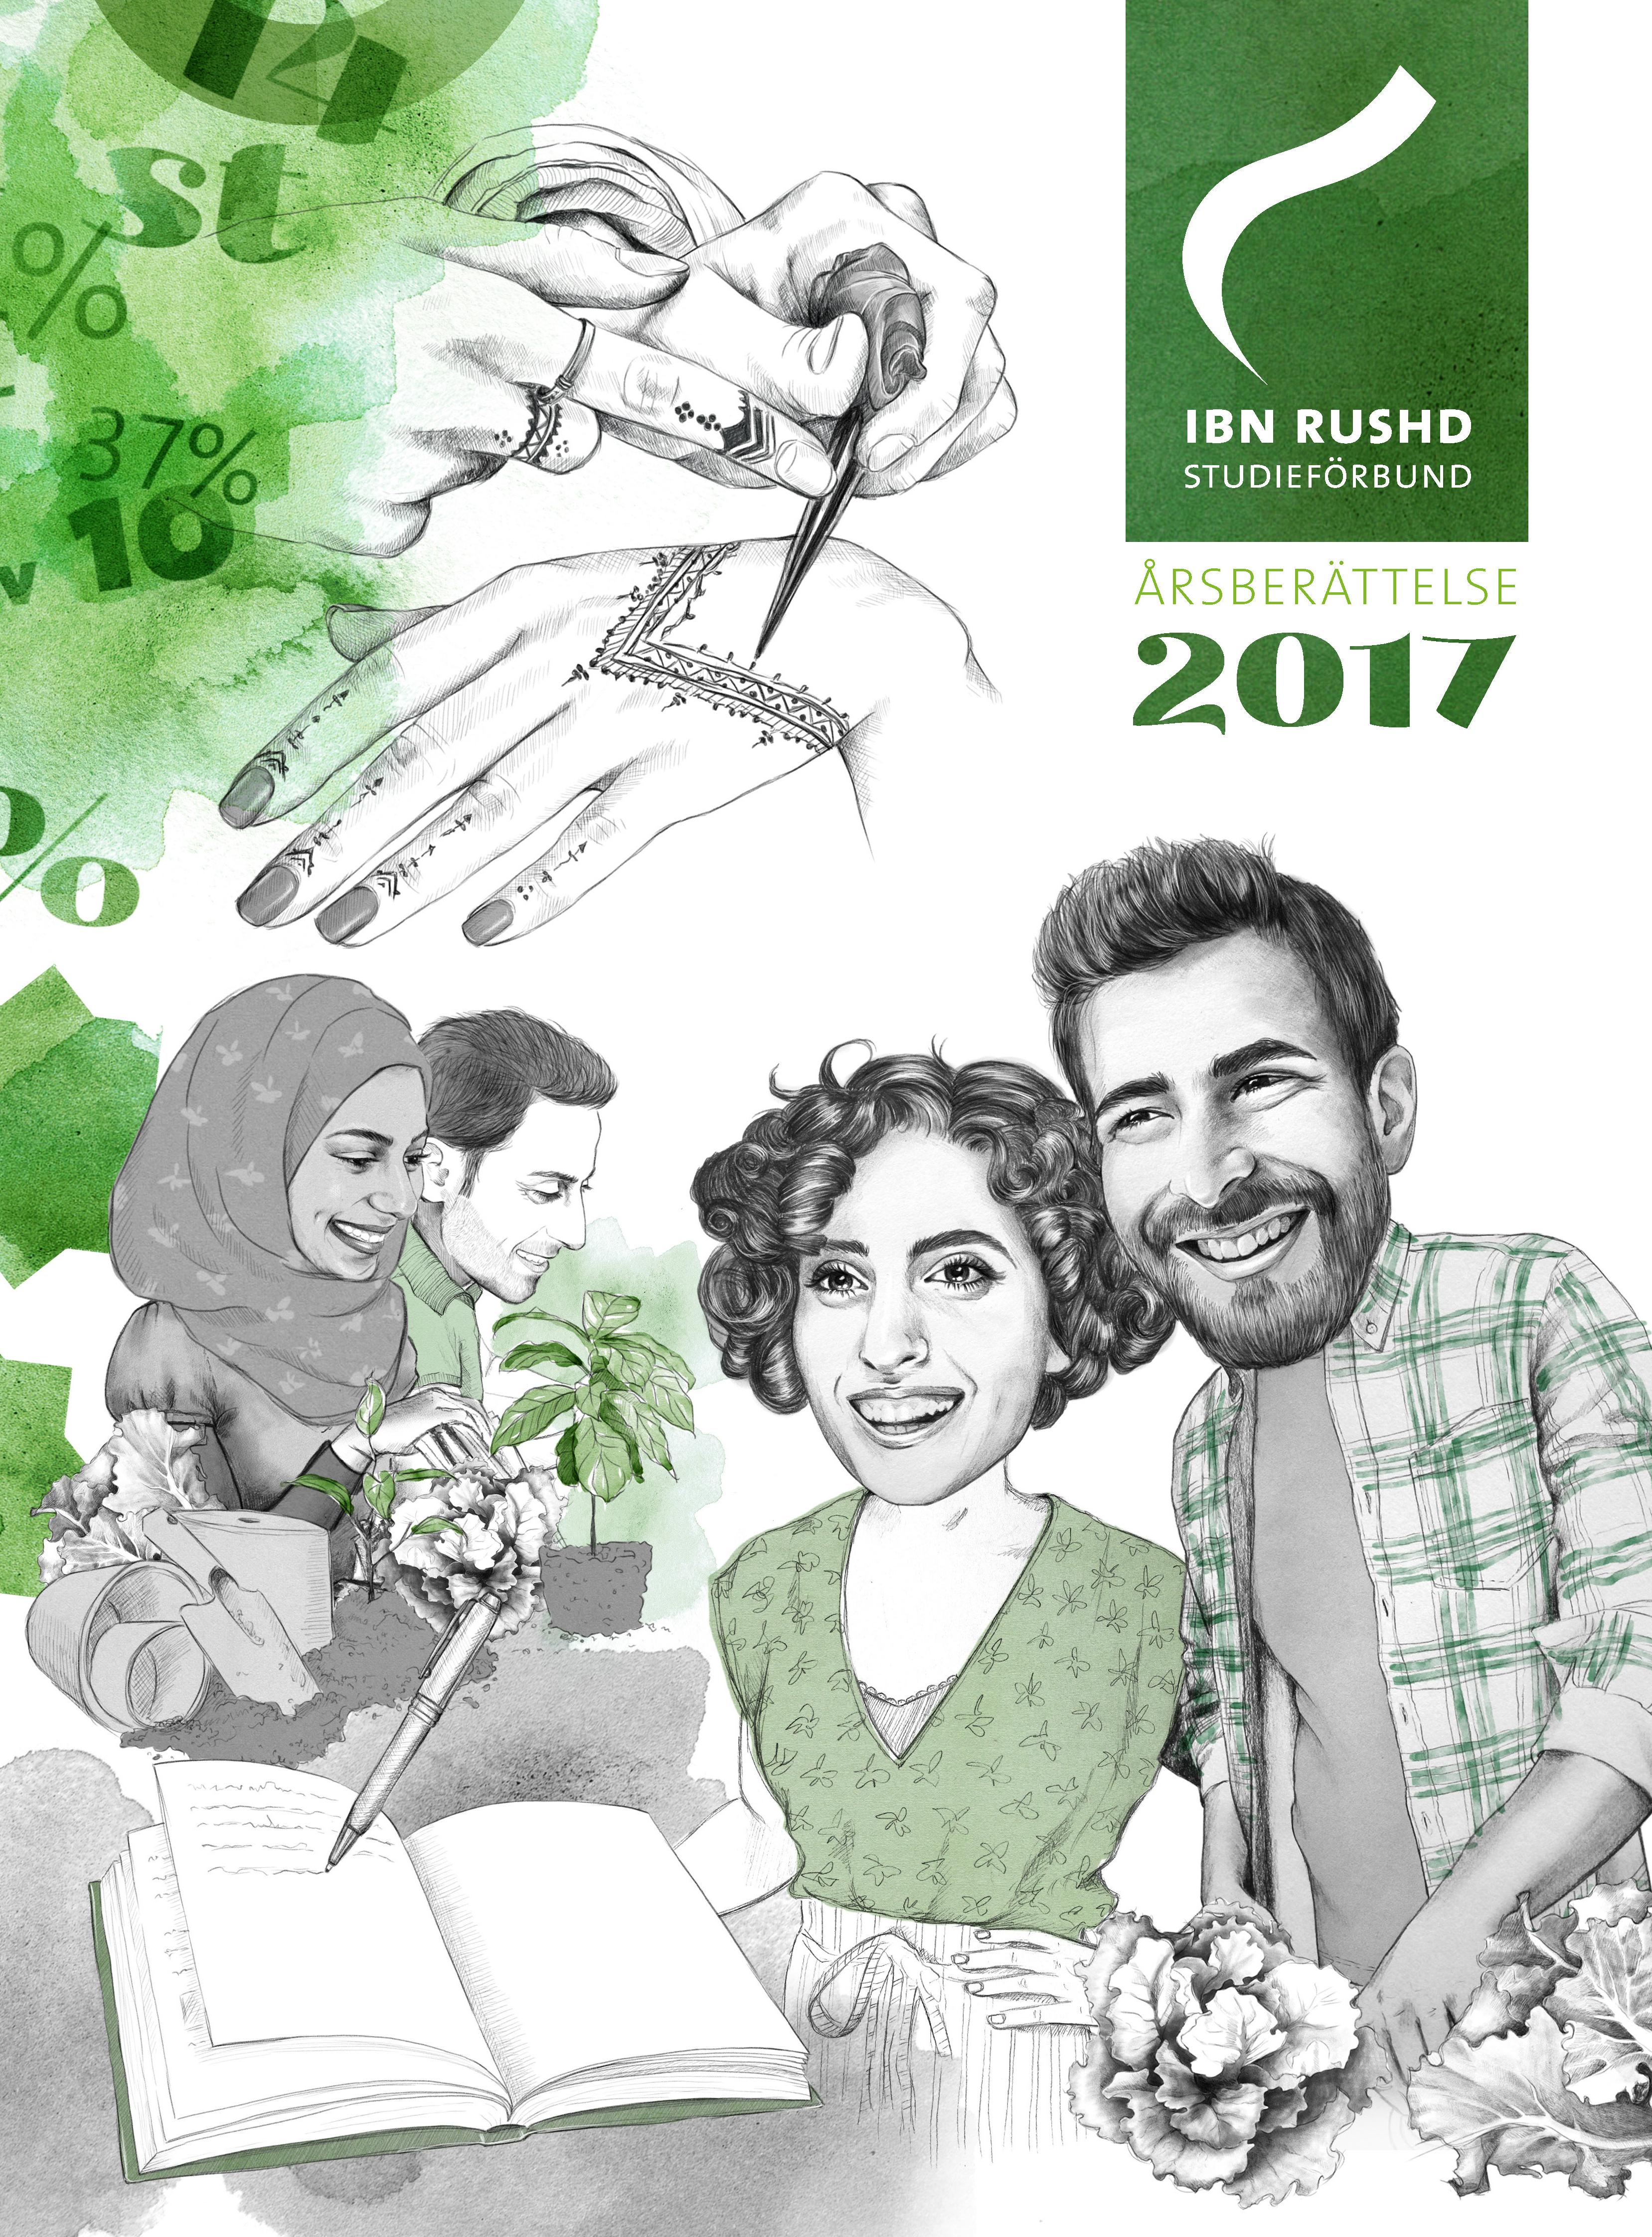 Årsberättelse 2017 Ibn Rushd